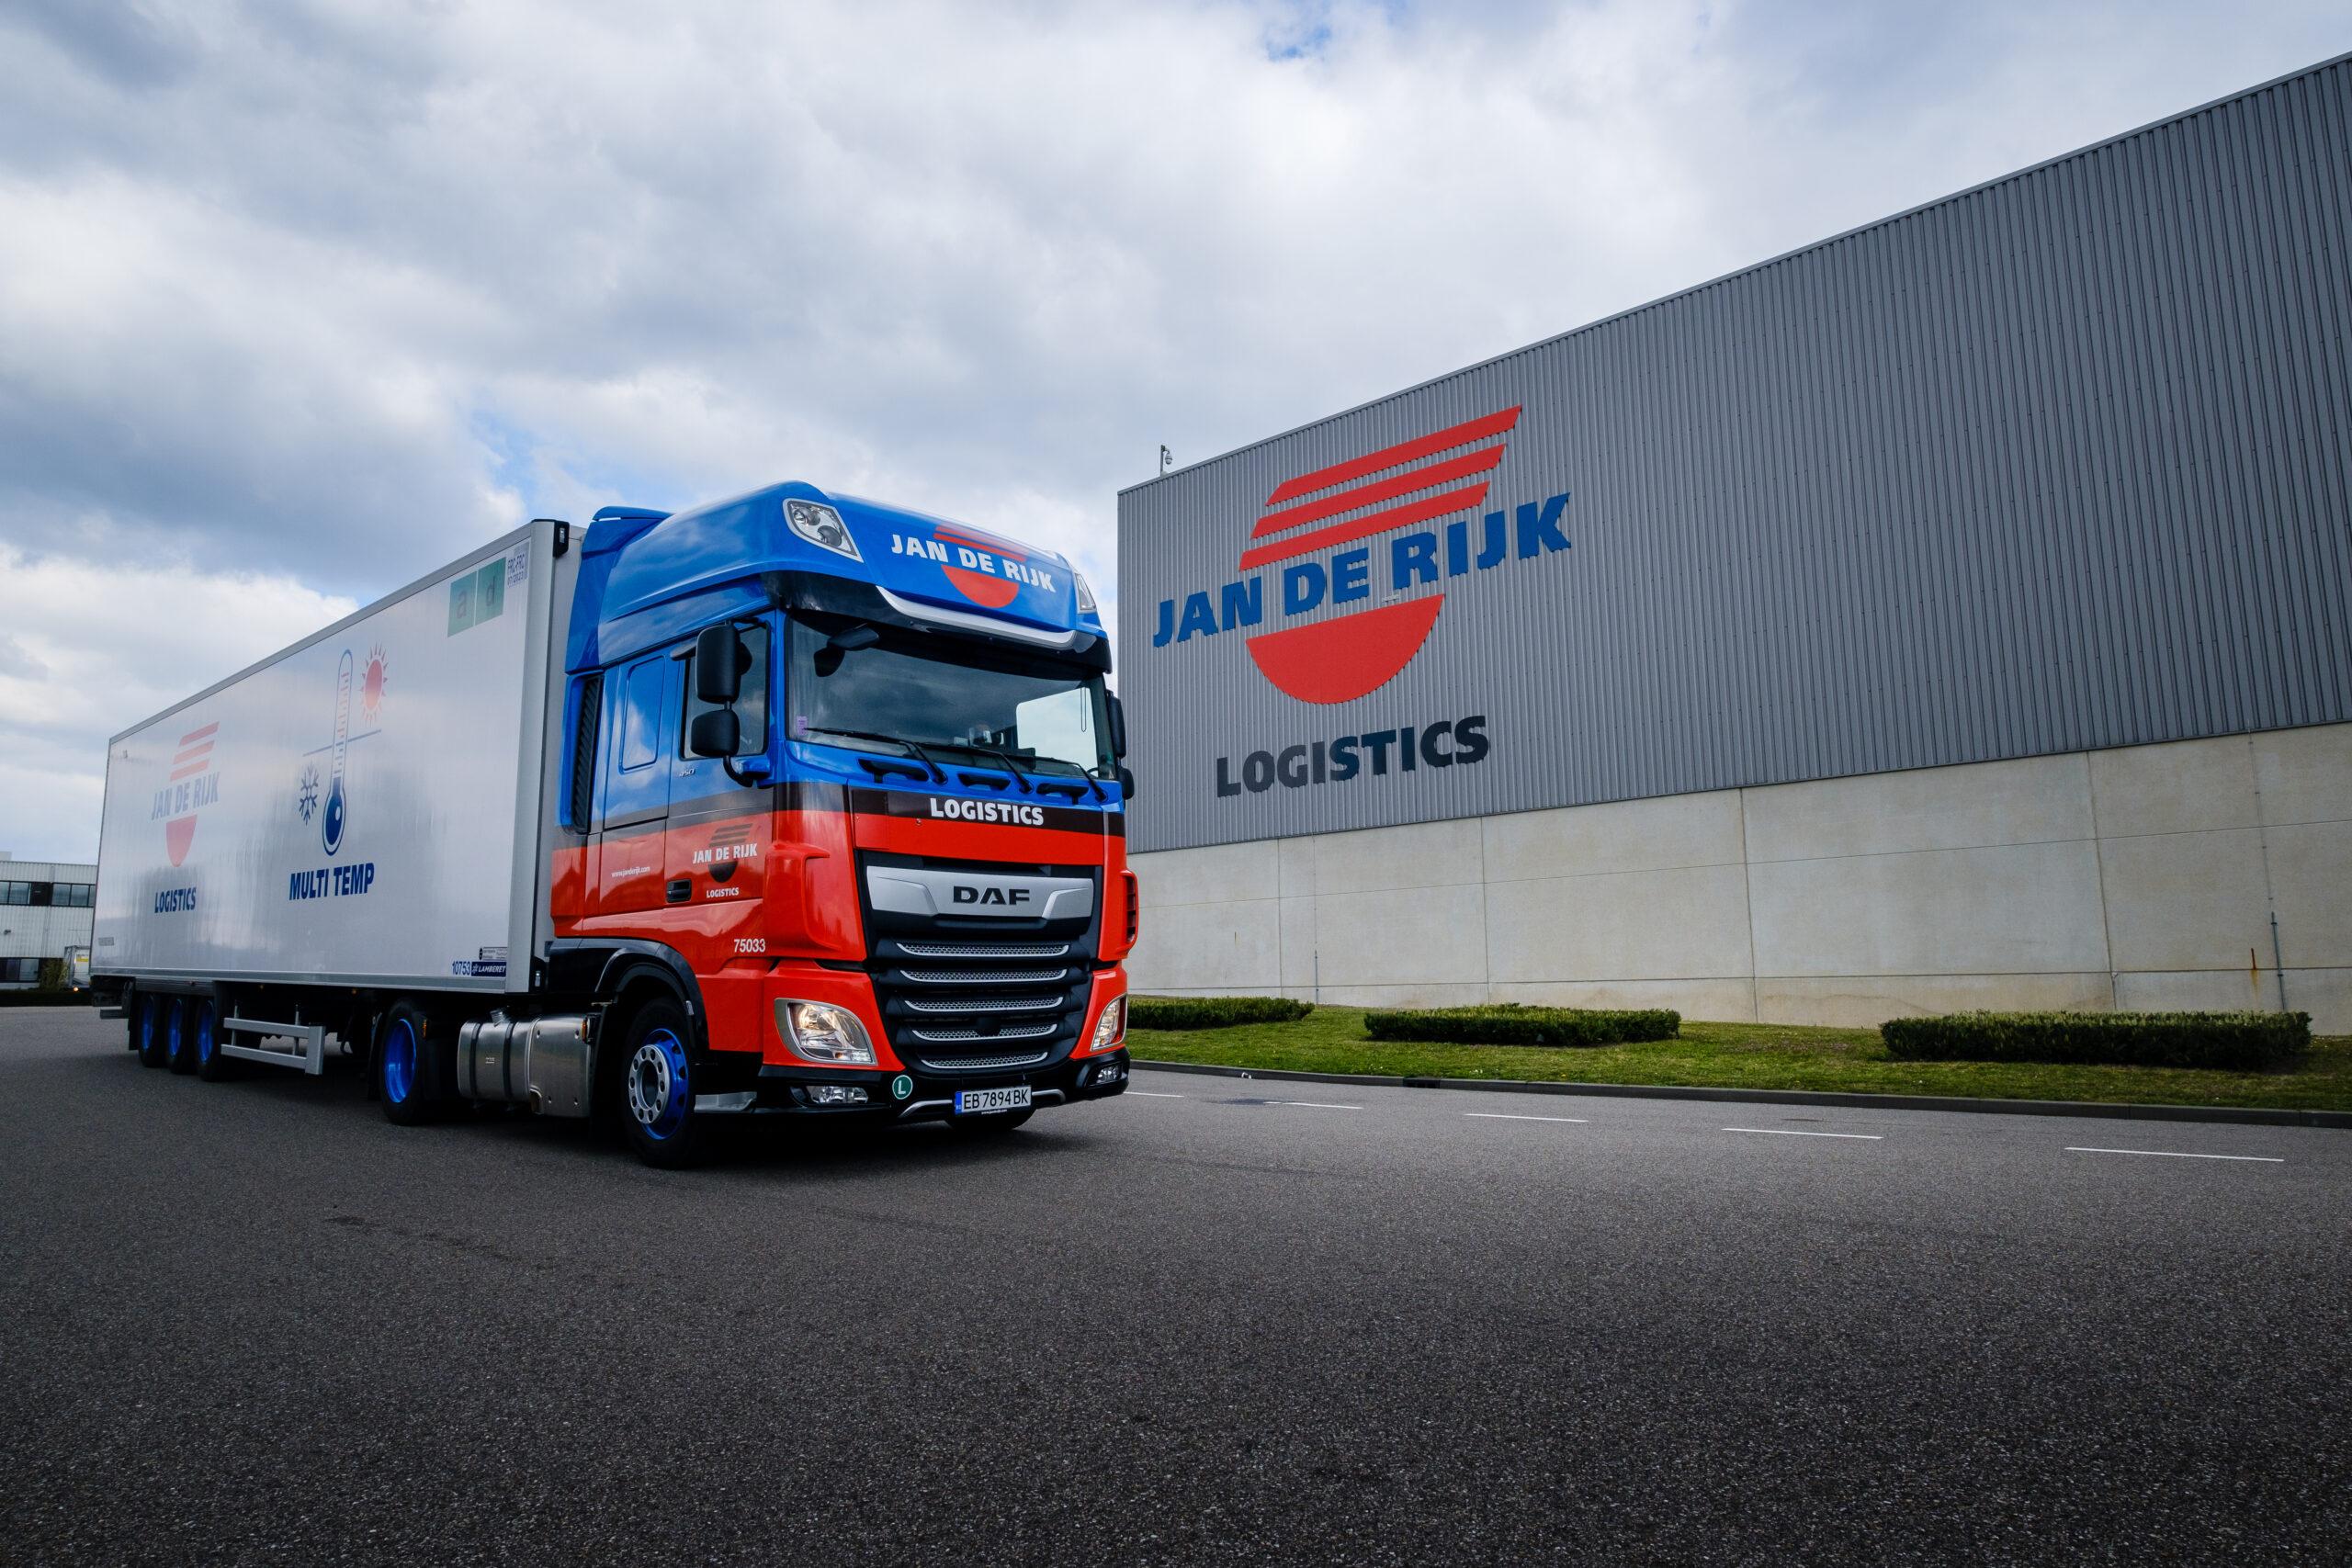 Jan de Rijk Logistics tranport